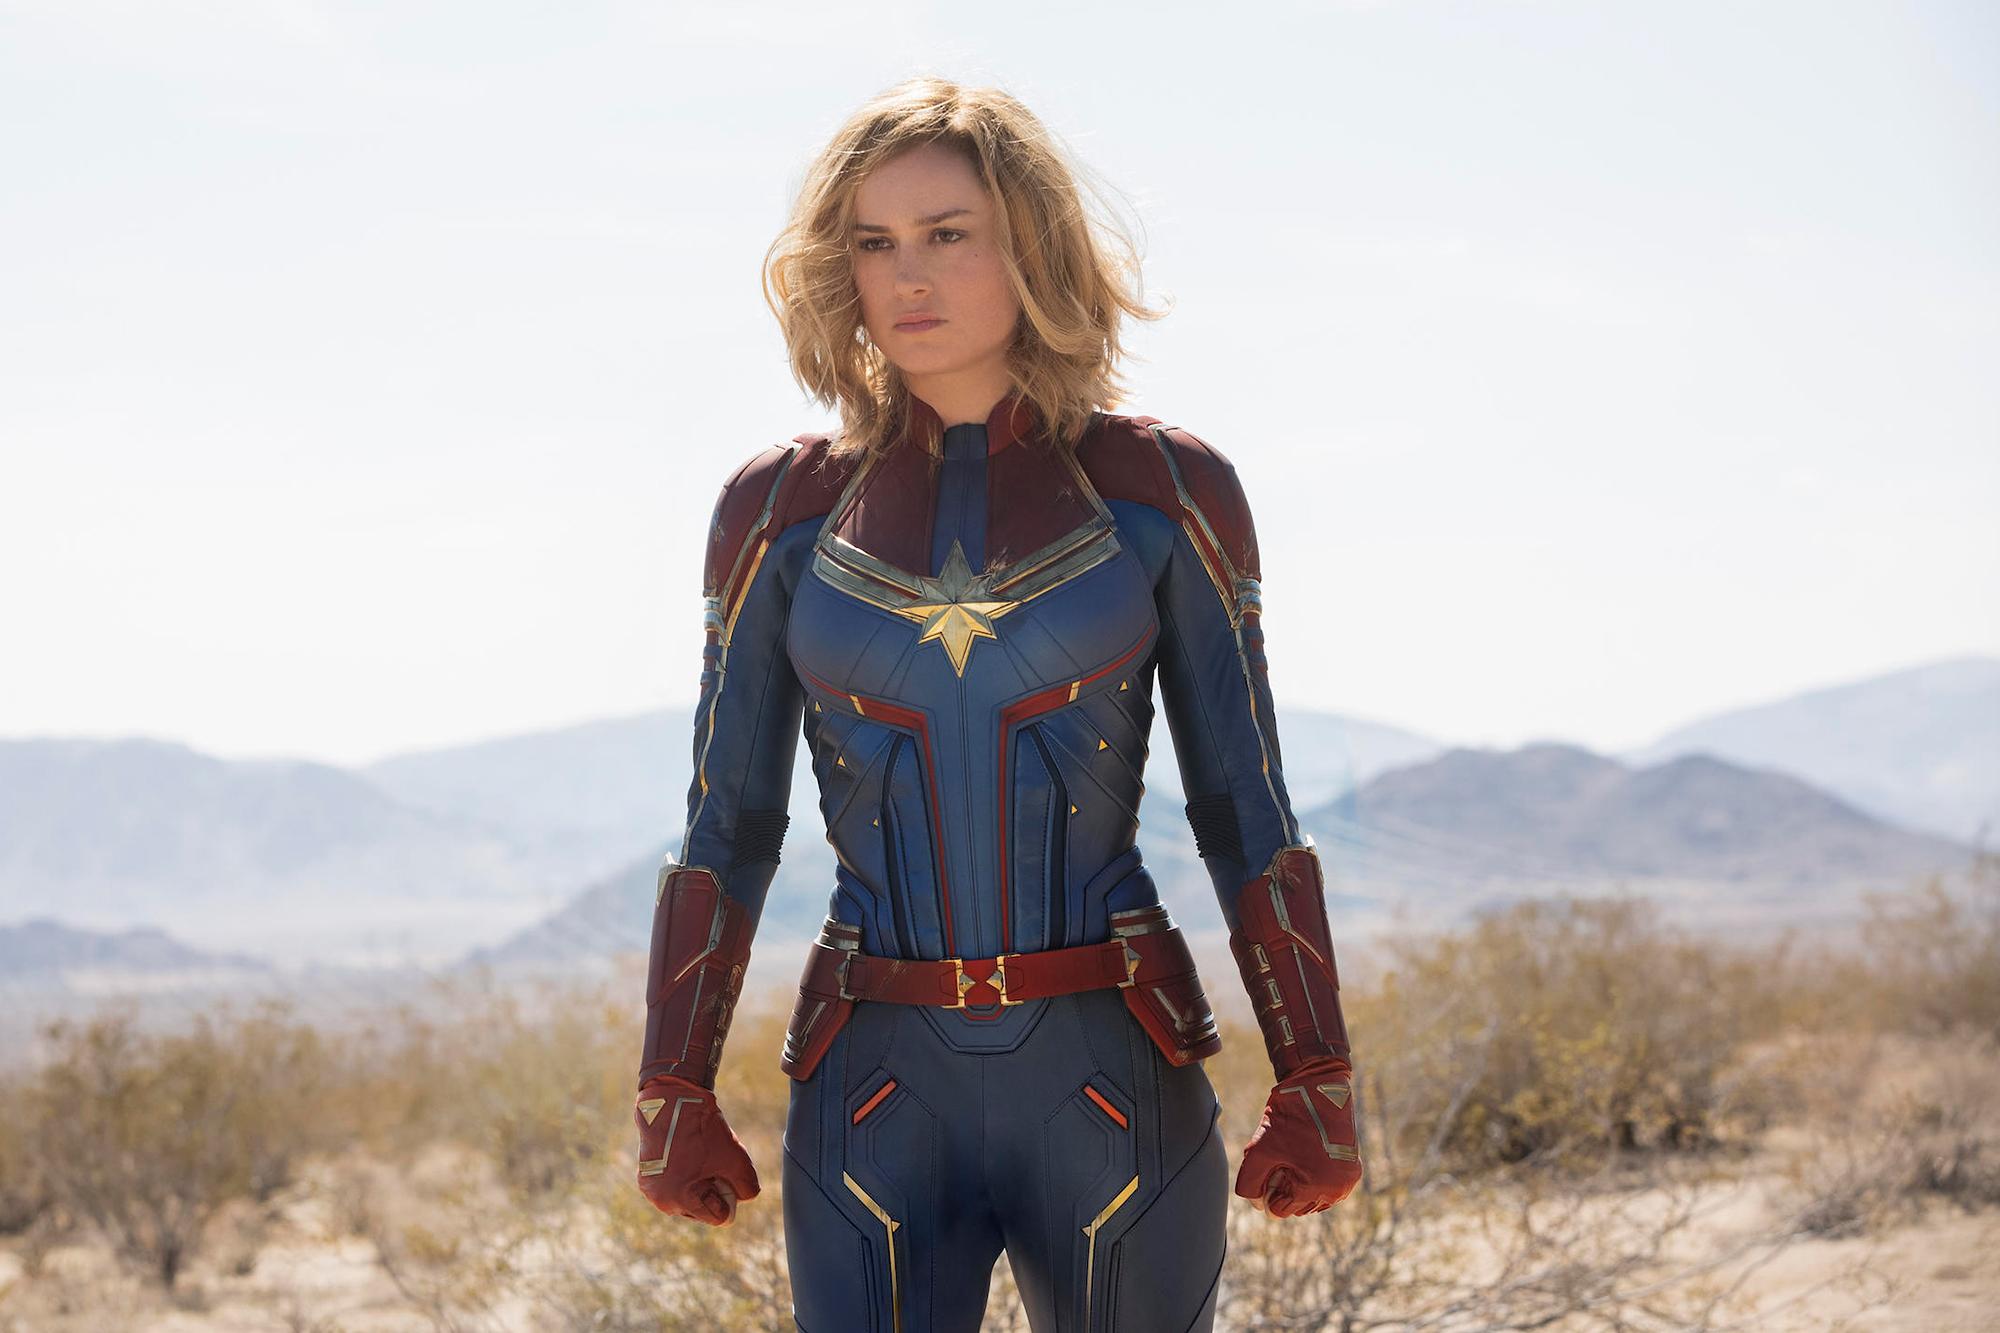 7.) Brie Larson, Captain Marvel